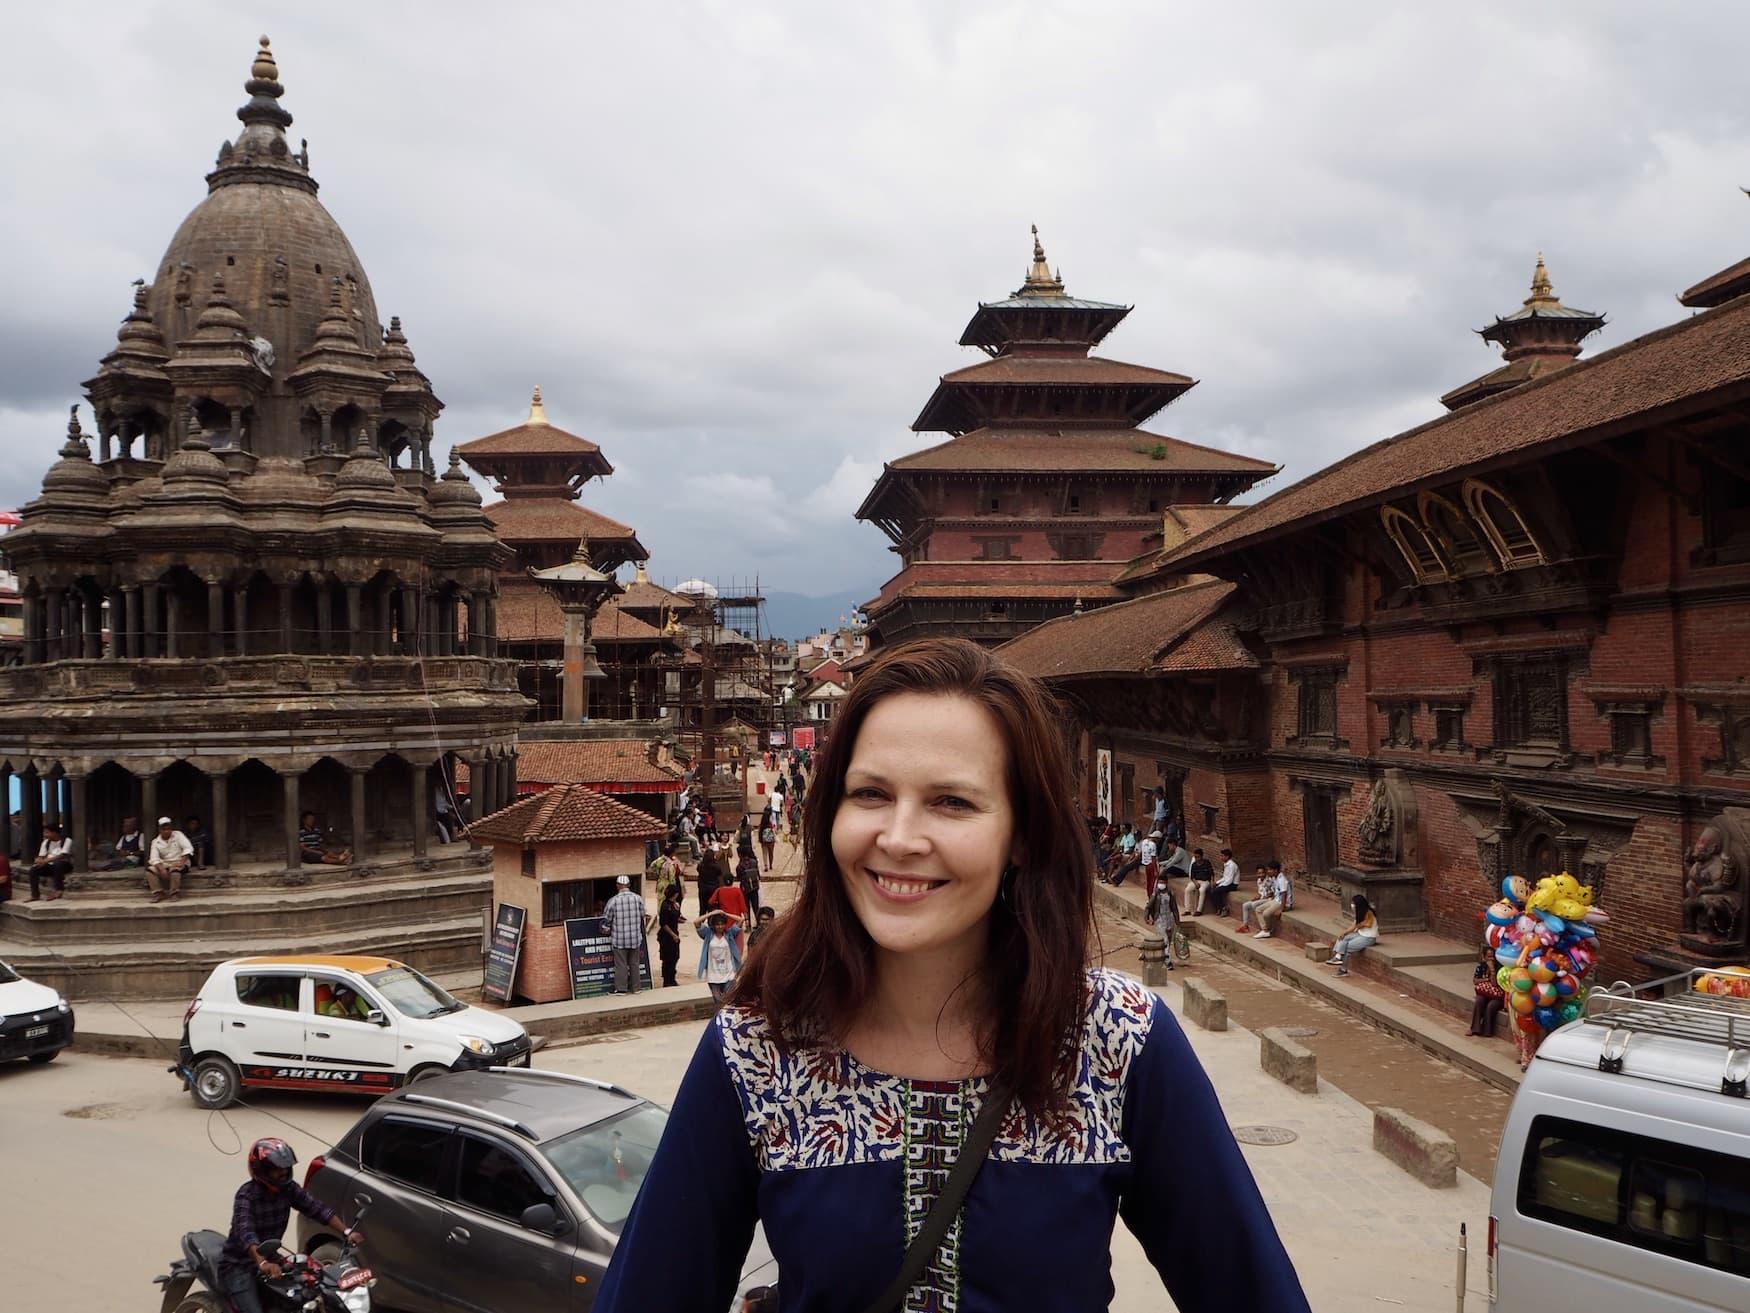 Autorin Susanne vor einem Tempel in Kathmandu